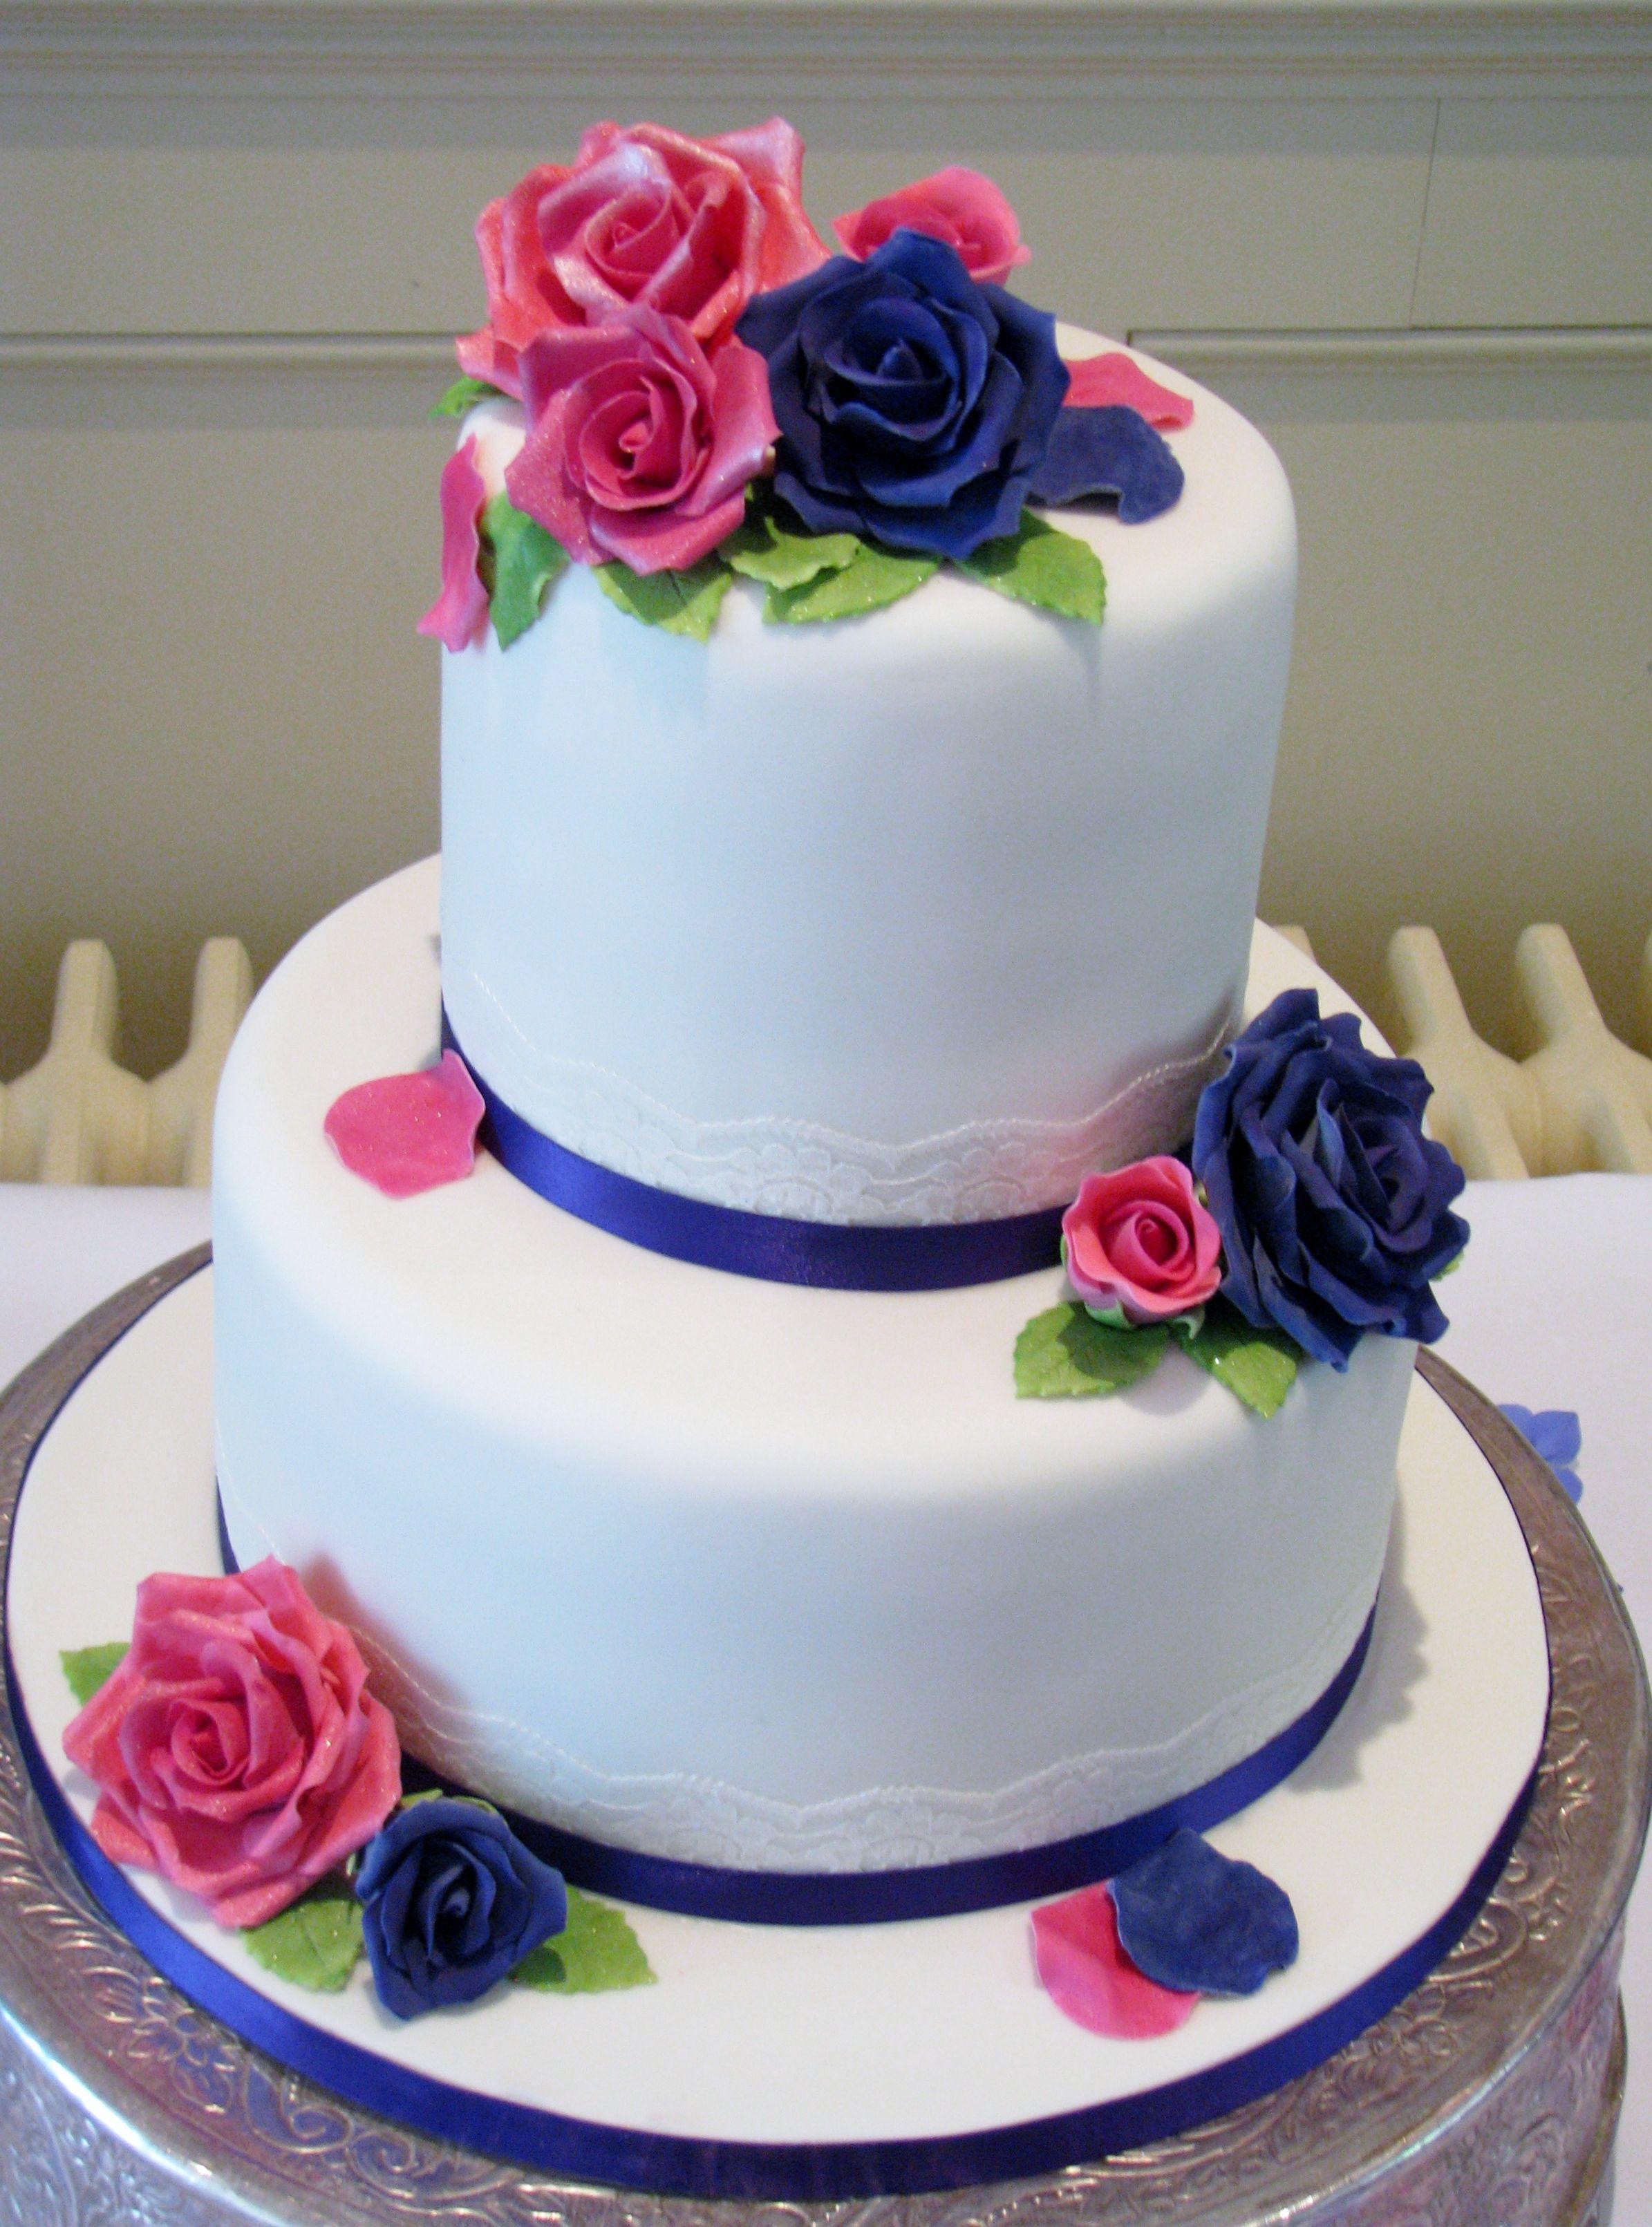 Fushia Pink And Kadbury Blue Rose Wedding Cake By Dazzlelicious Cakes